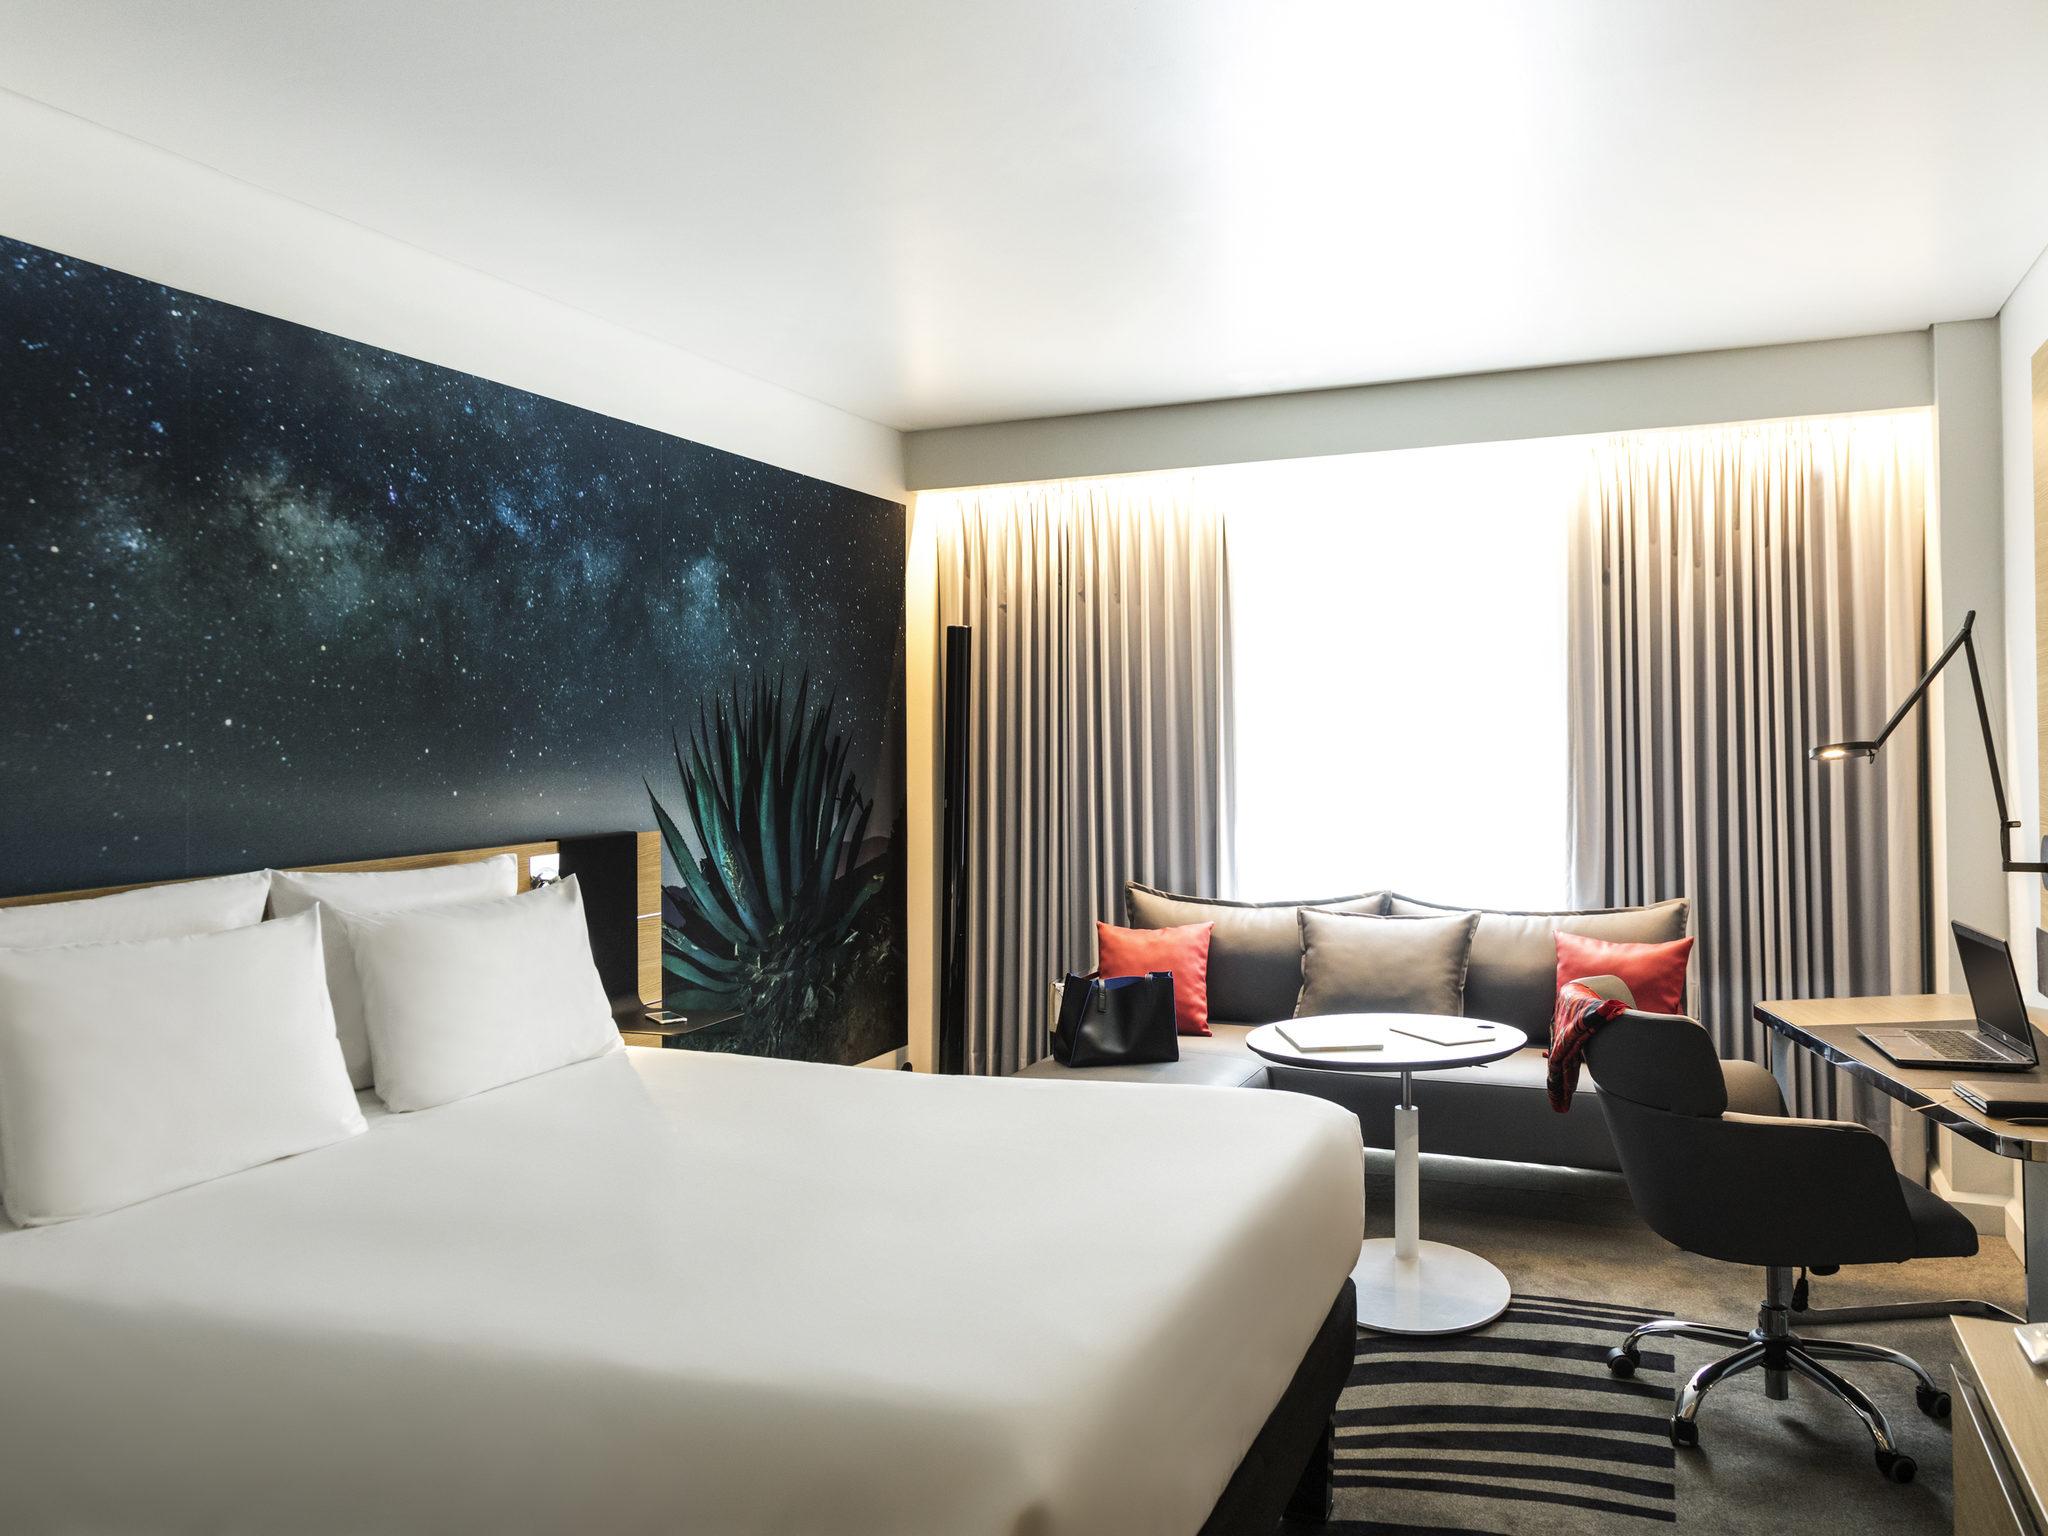 โรงแรม – Novotel Mexico City Santa Fe